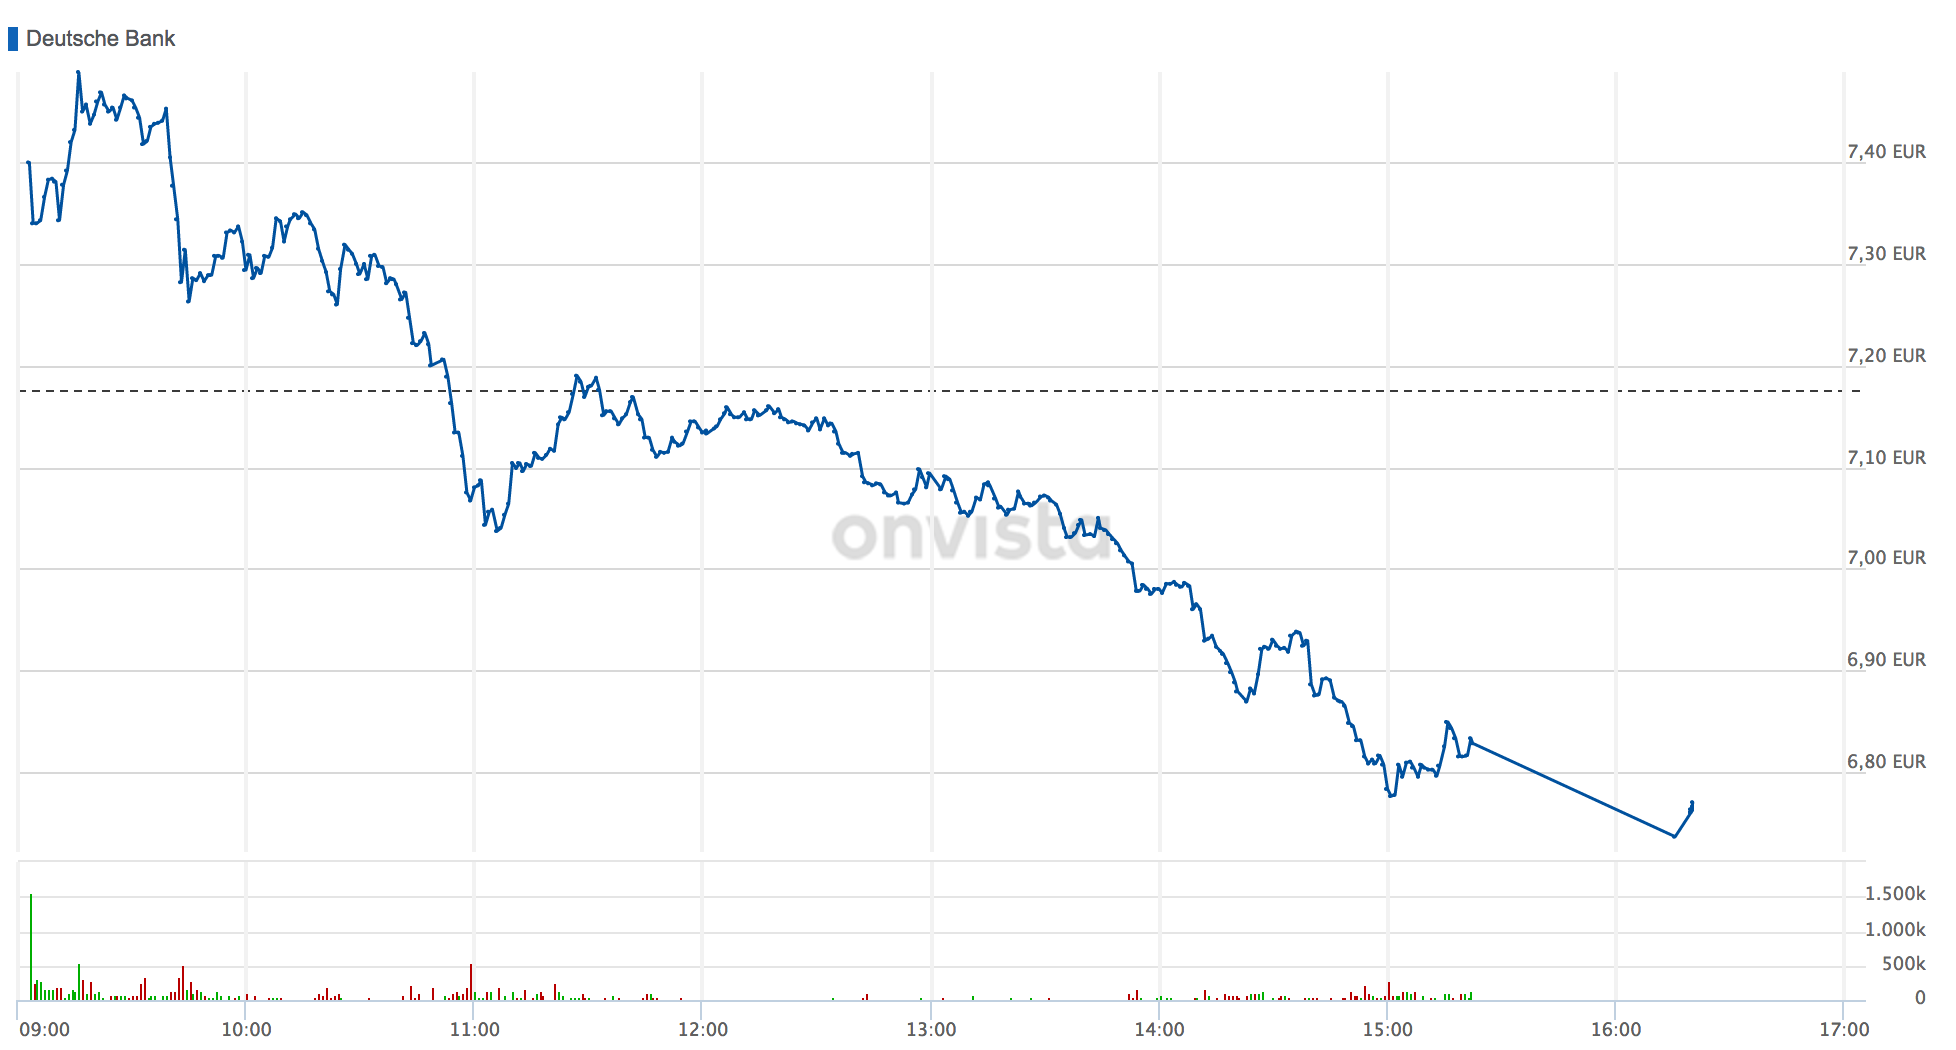 Deutsche Bank: Umbaupläne überzeugen am Ende doch nicht – Aktie stürzt kräftig ab - onvista